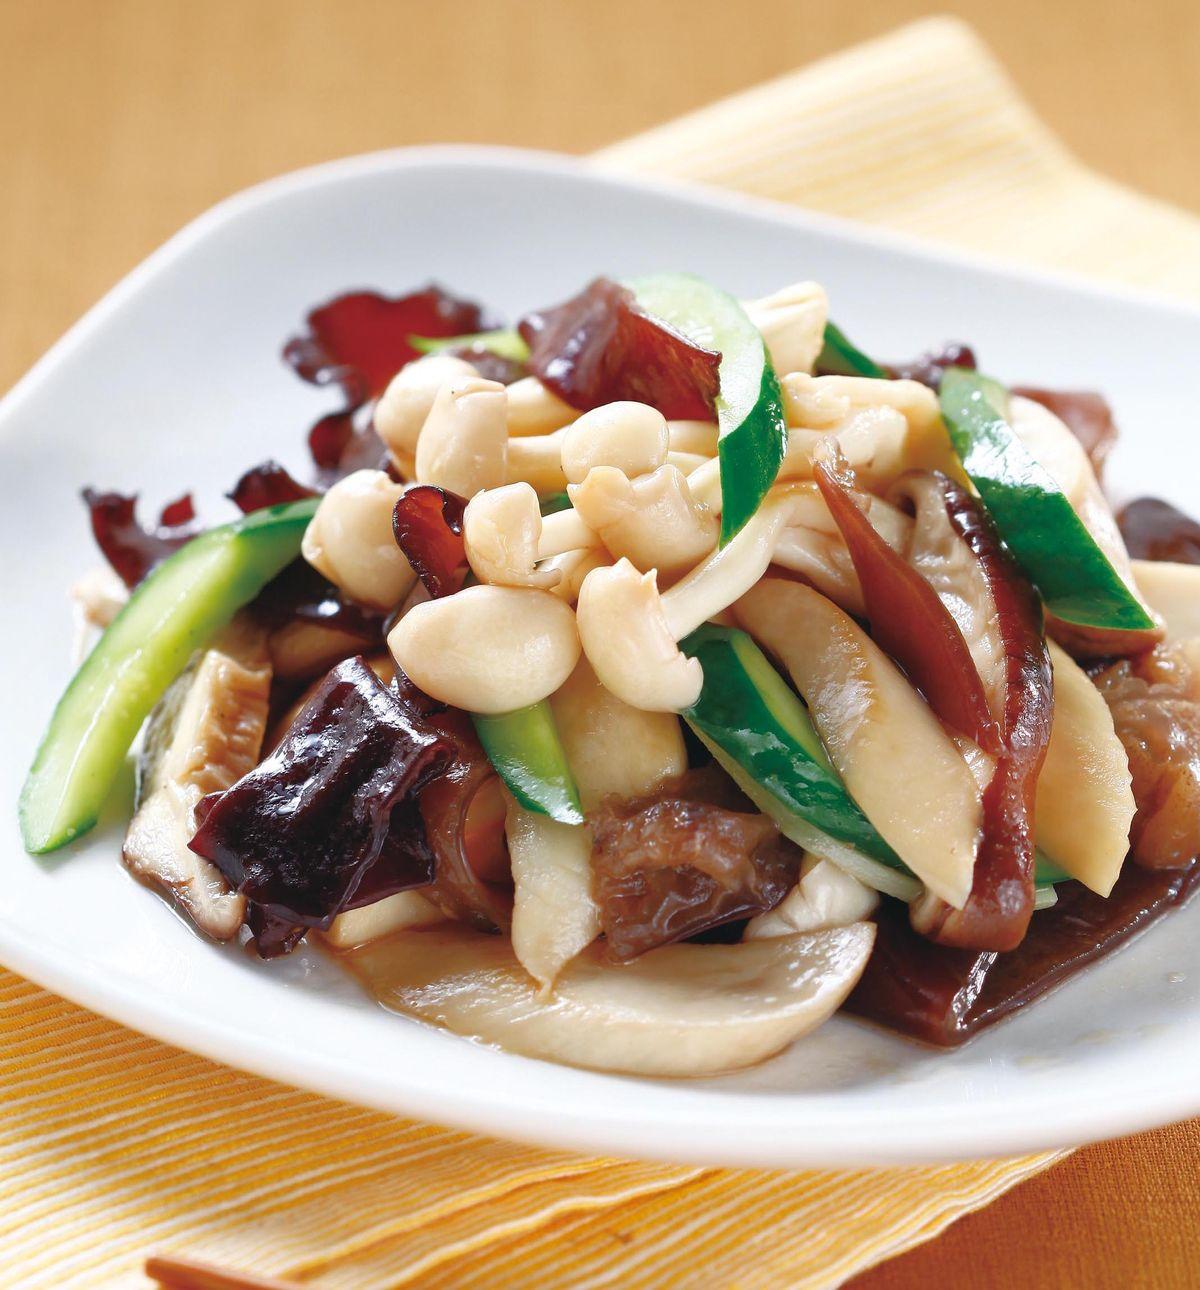 食譜:木耳黃瓜炒鮮菇